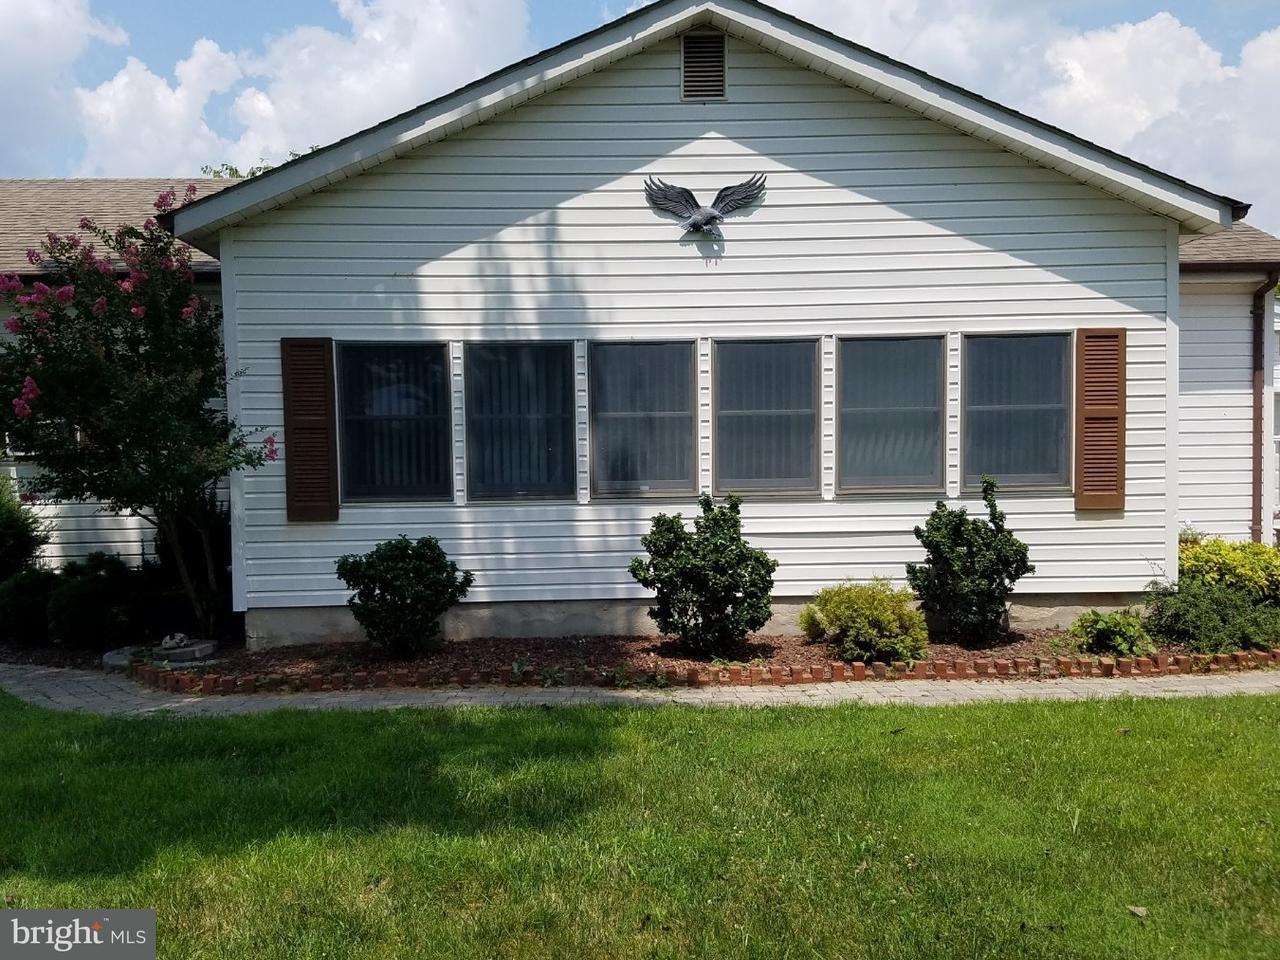 Частный односемейный дом для того Продажа на 4337 HALLTOWN Road Hartly, Делавэр 19953 Соединенные Штаты